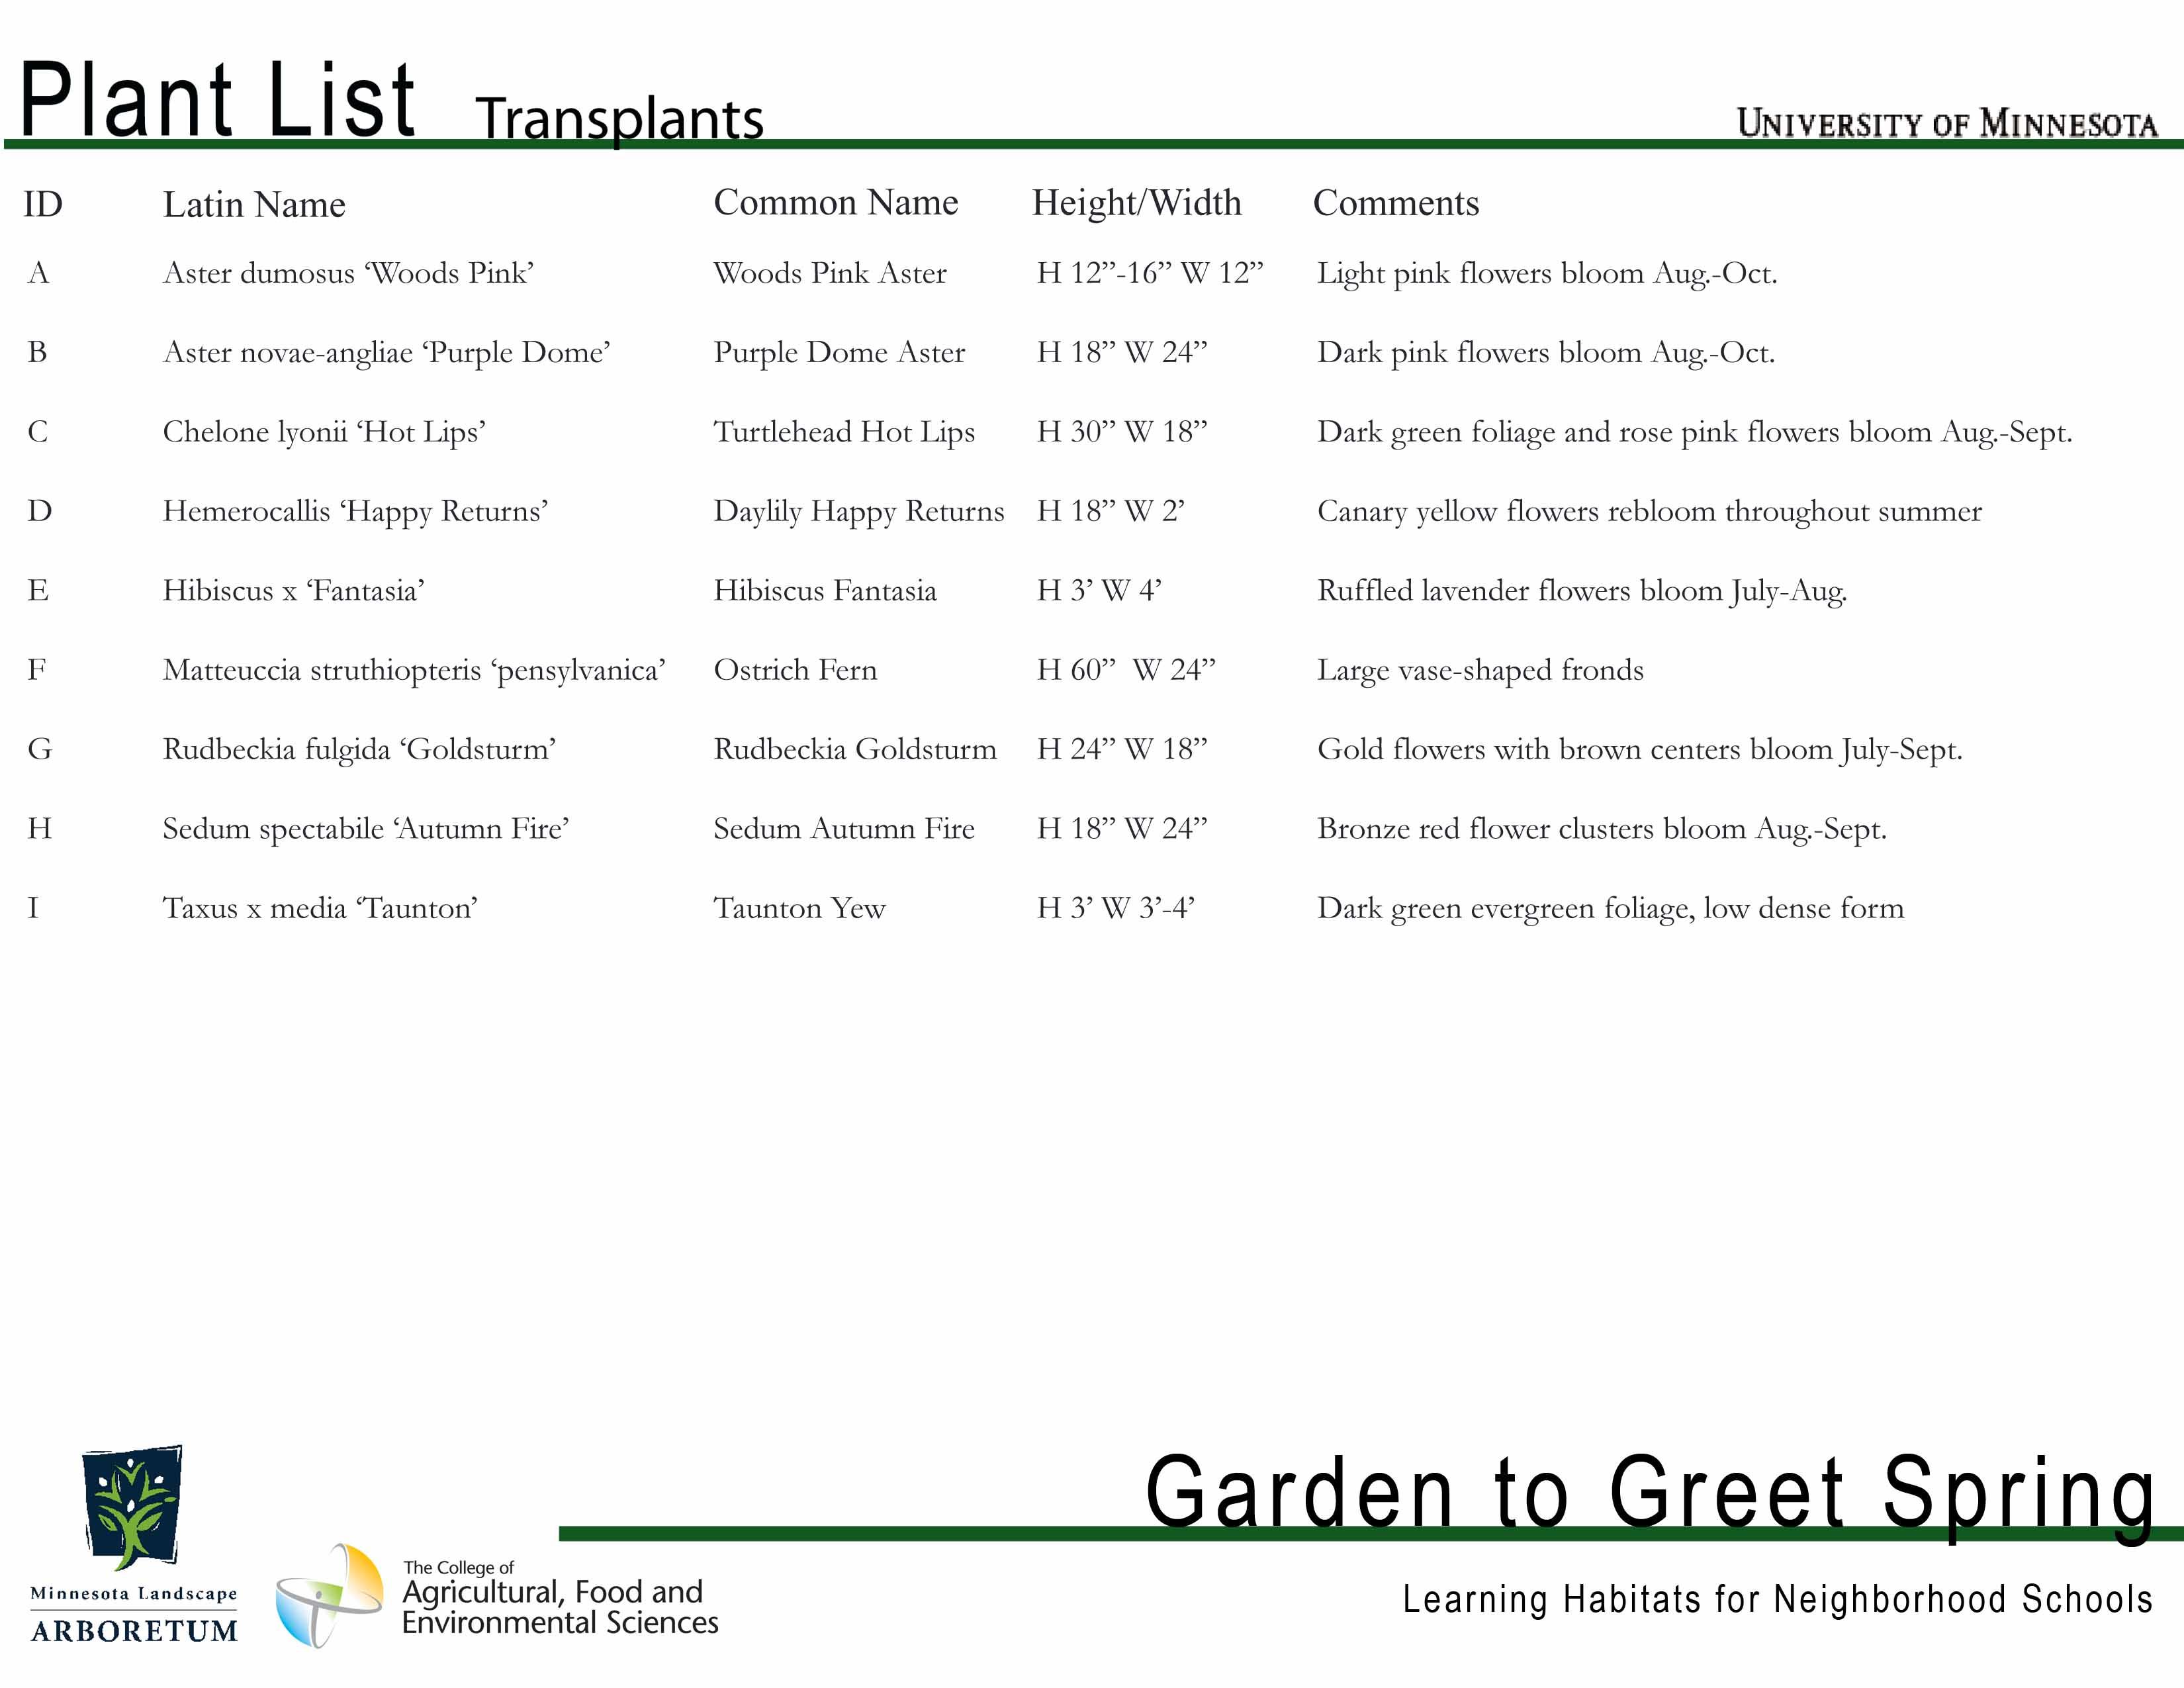 Garden to greet spring download garden to greet spring bulb list mightylinksfo